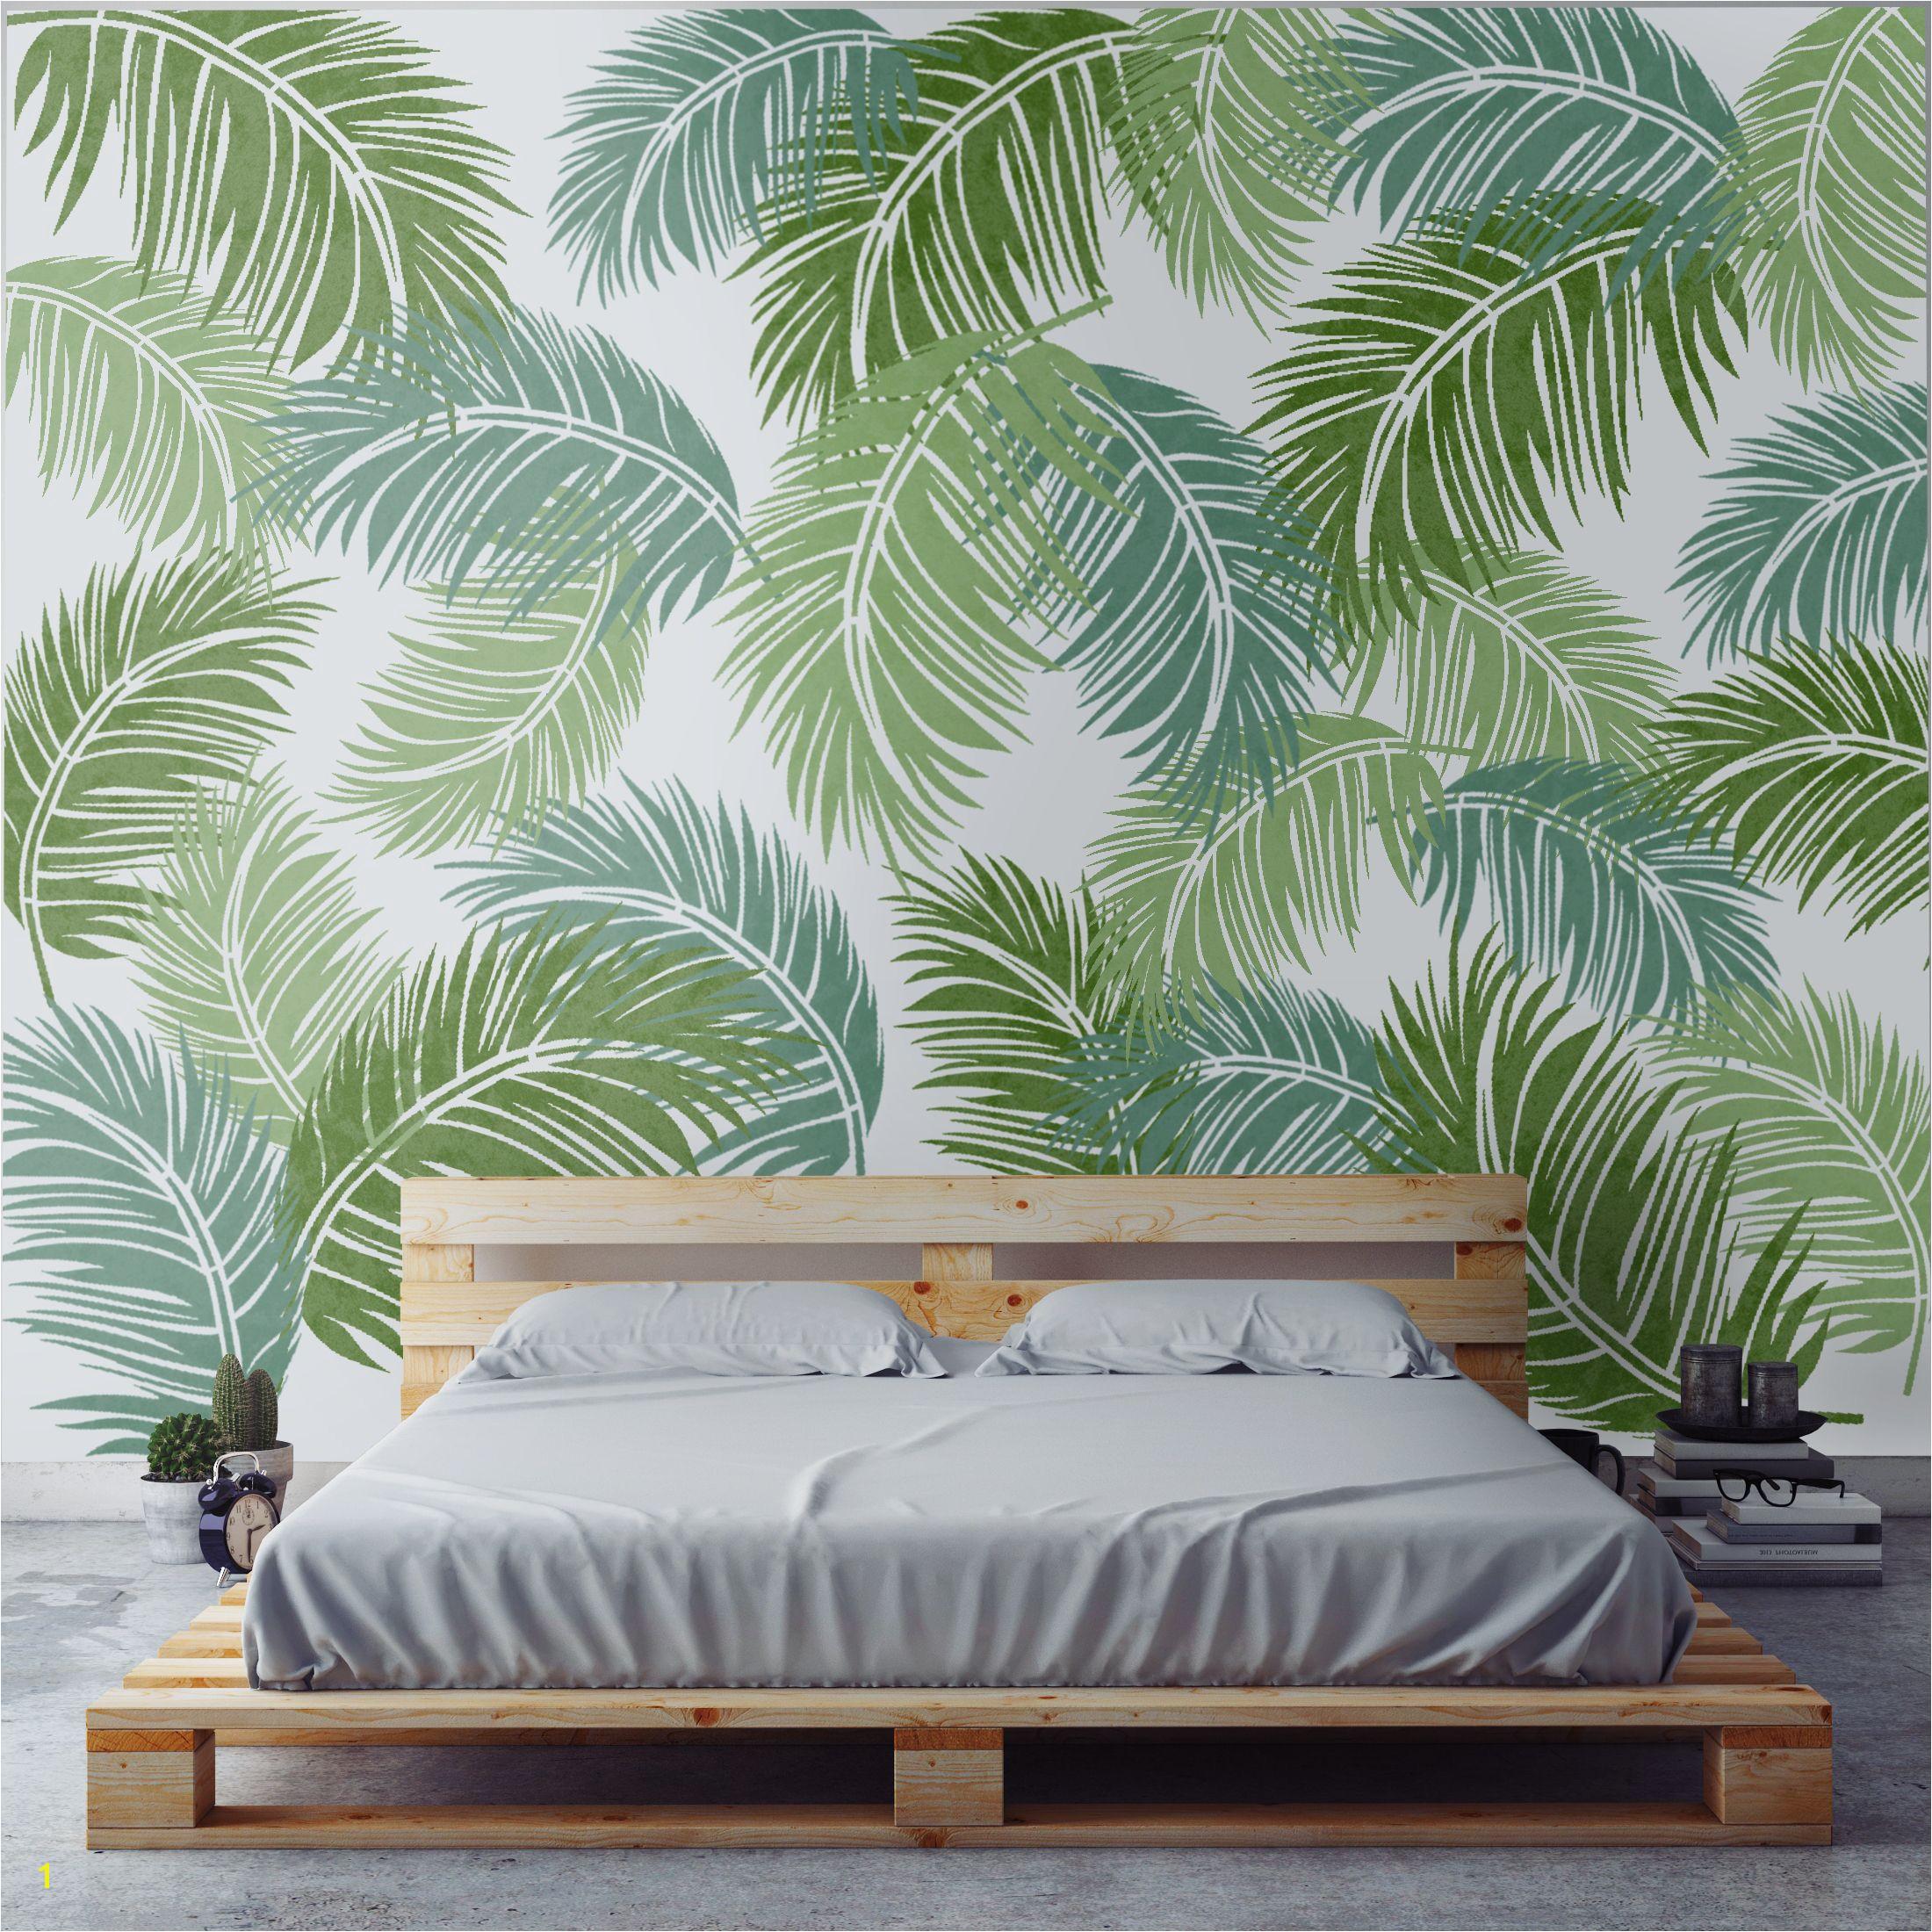 Tropical Palm Stencil Stencil Painting Leaf Stencil Stencil Diy Stencils Plant Wall